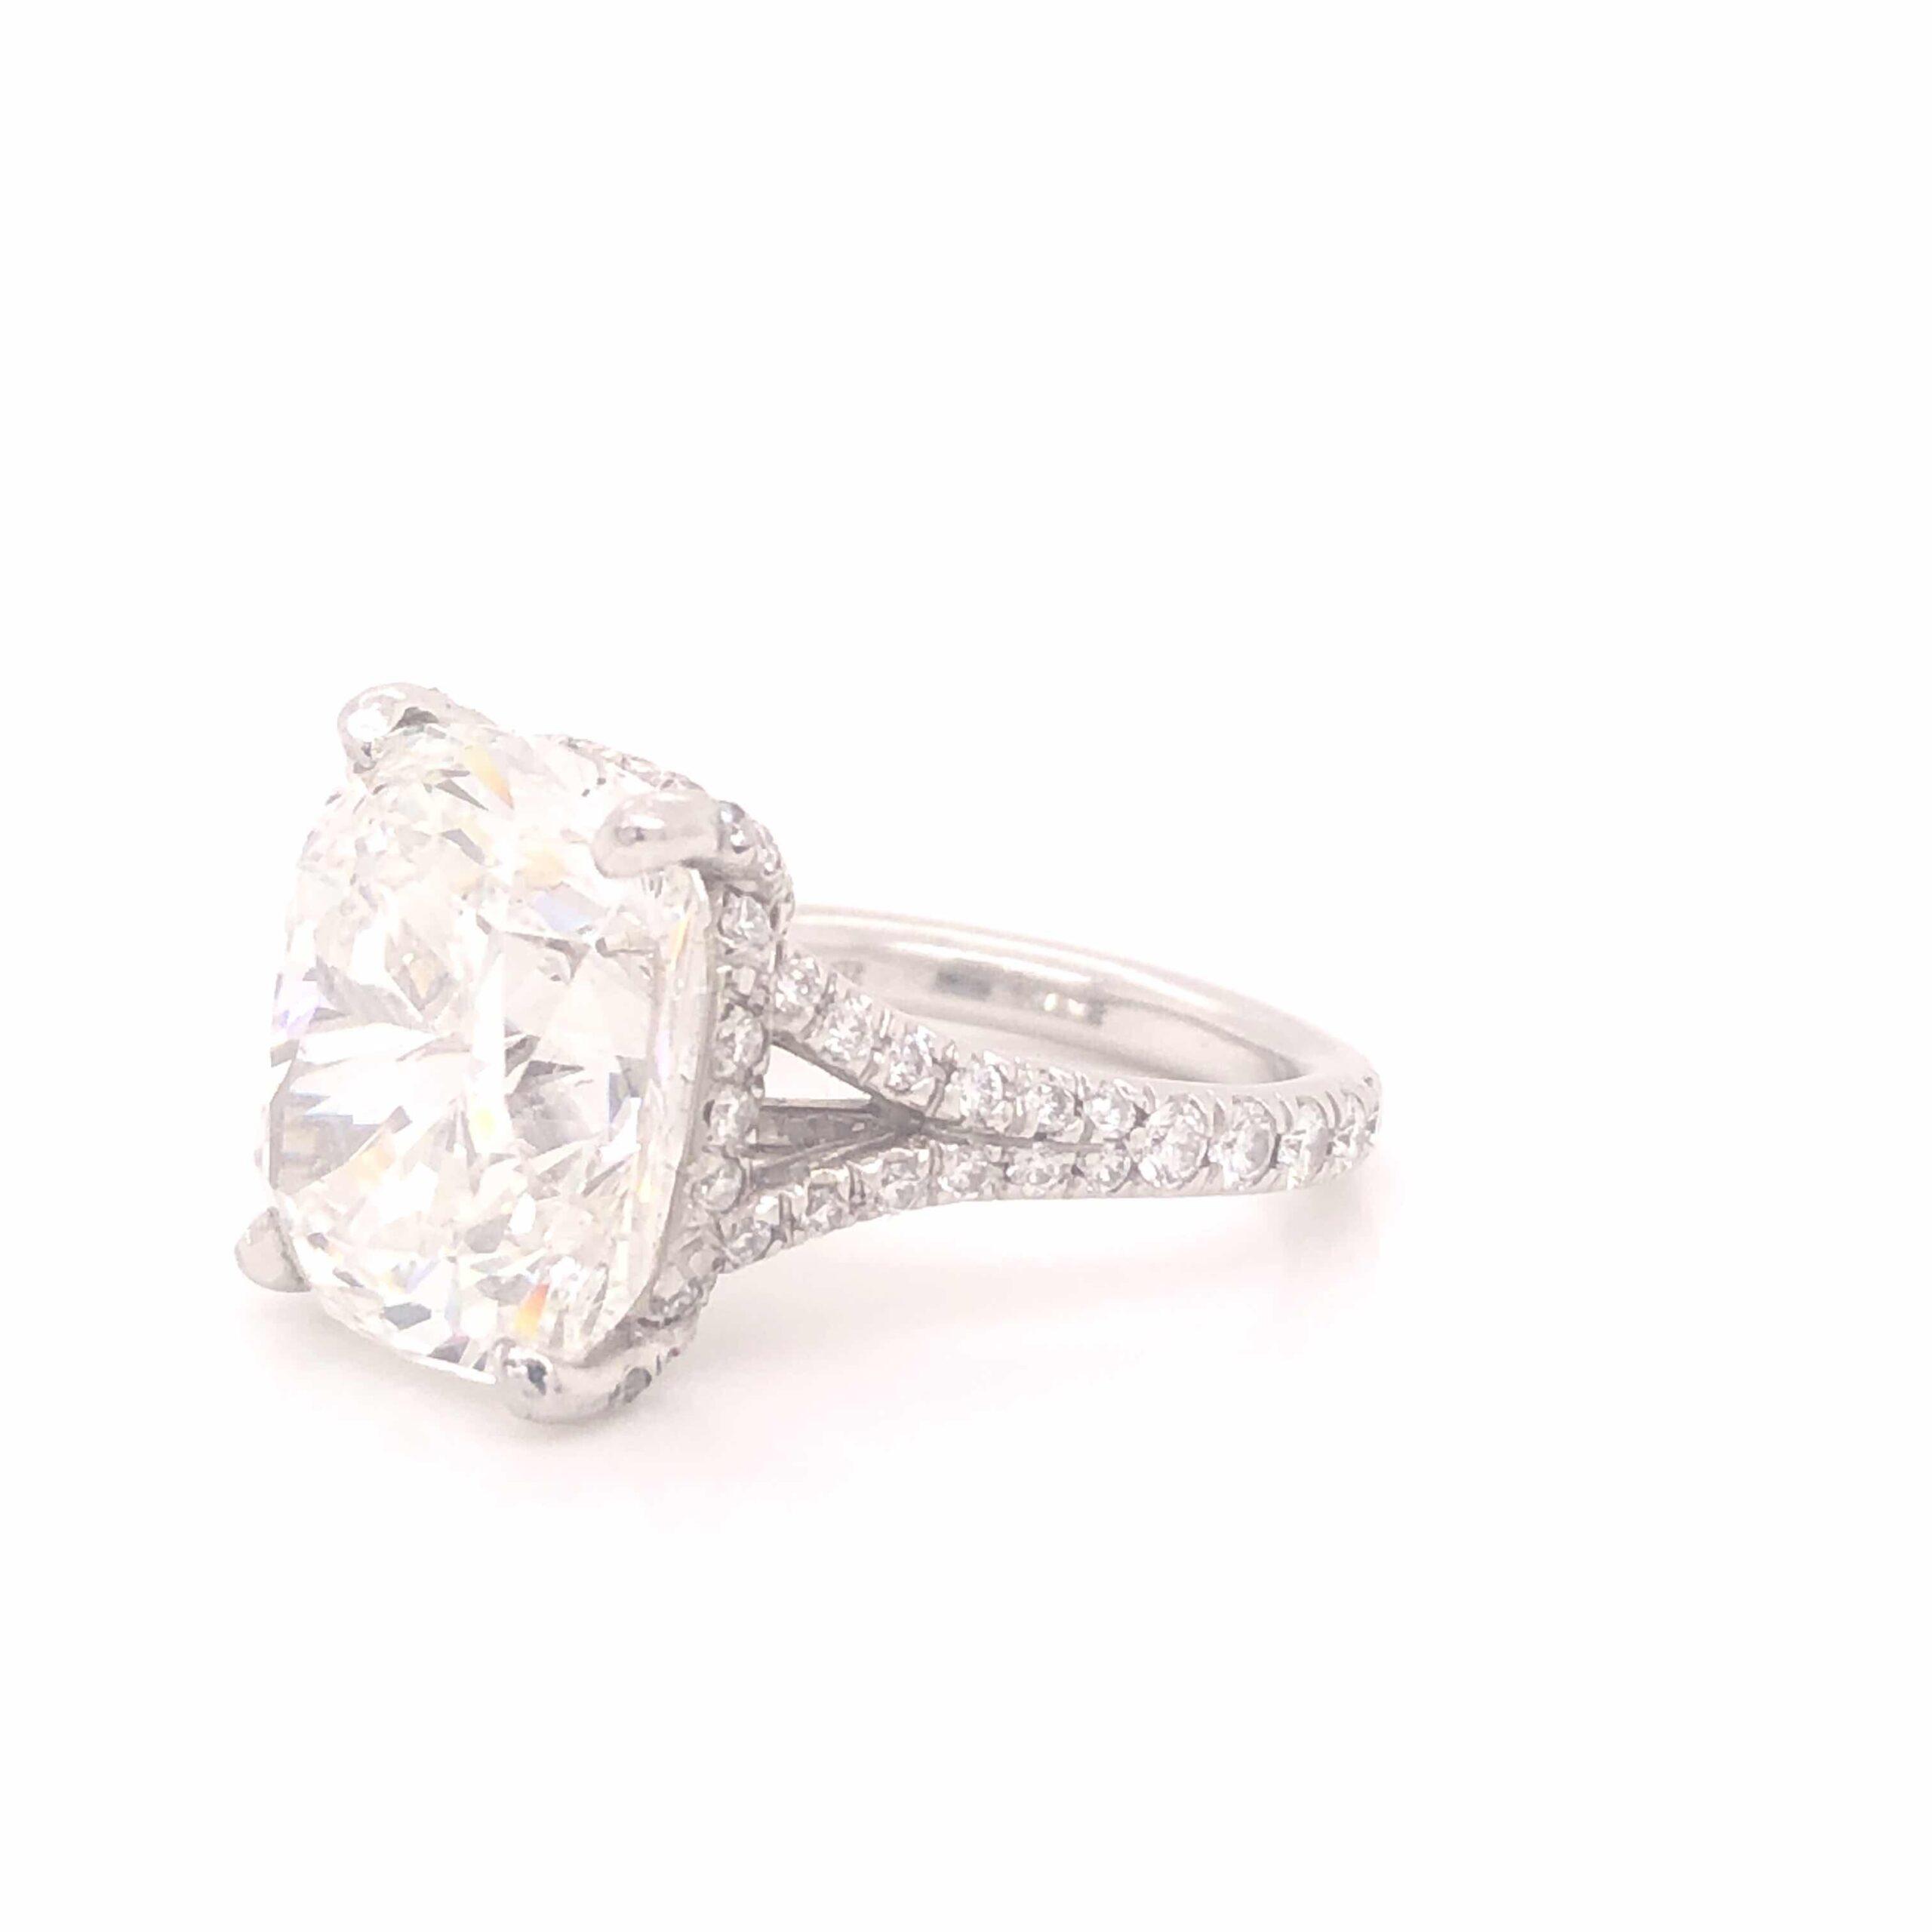 Cashing Diamonds, Aventura, FL | Diamond Buyers Near Me